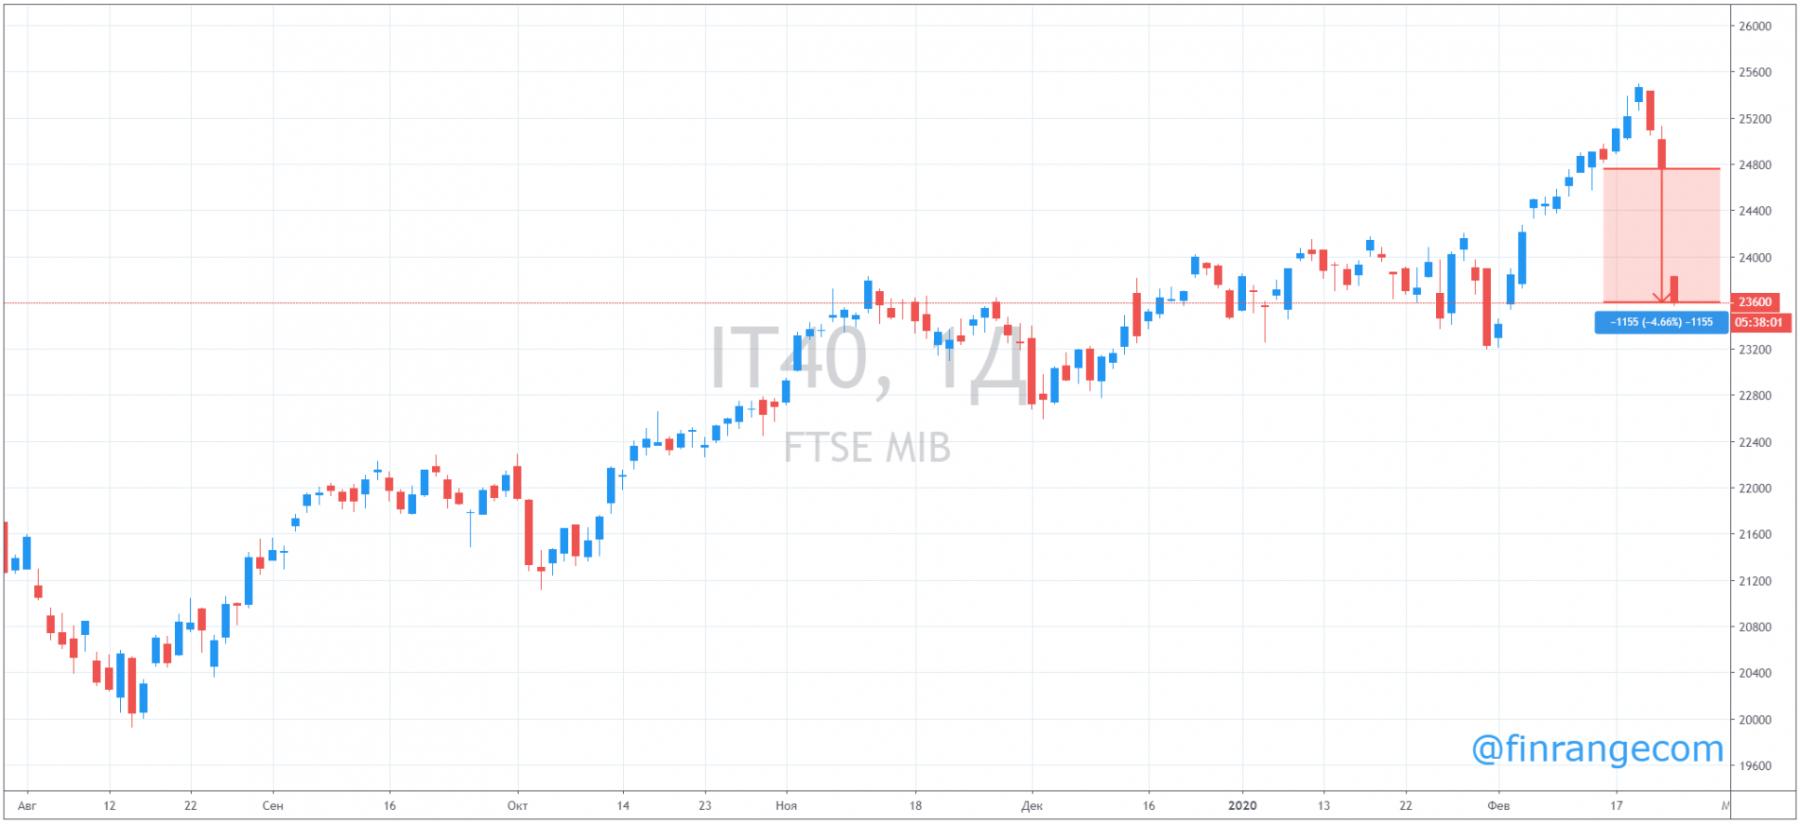 Коронавирус привёл к обвалу финансовых рынков! Что делать российскому инвестору?